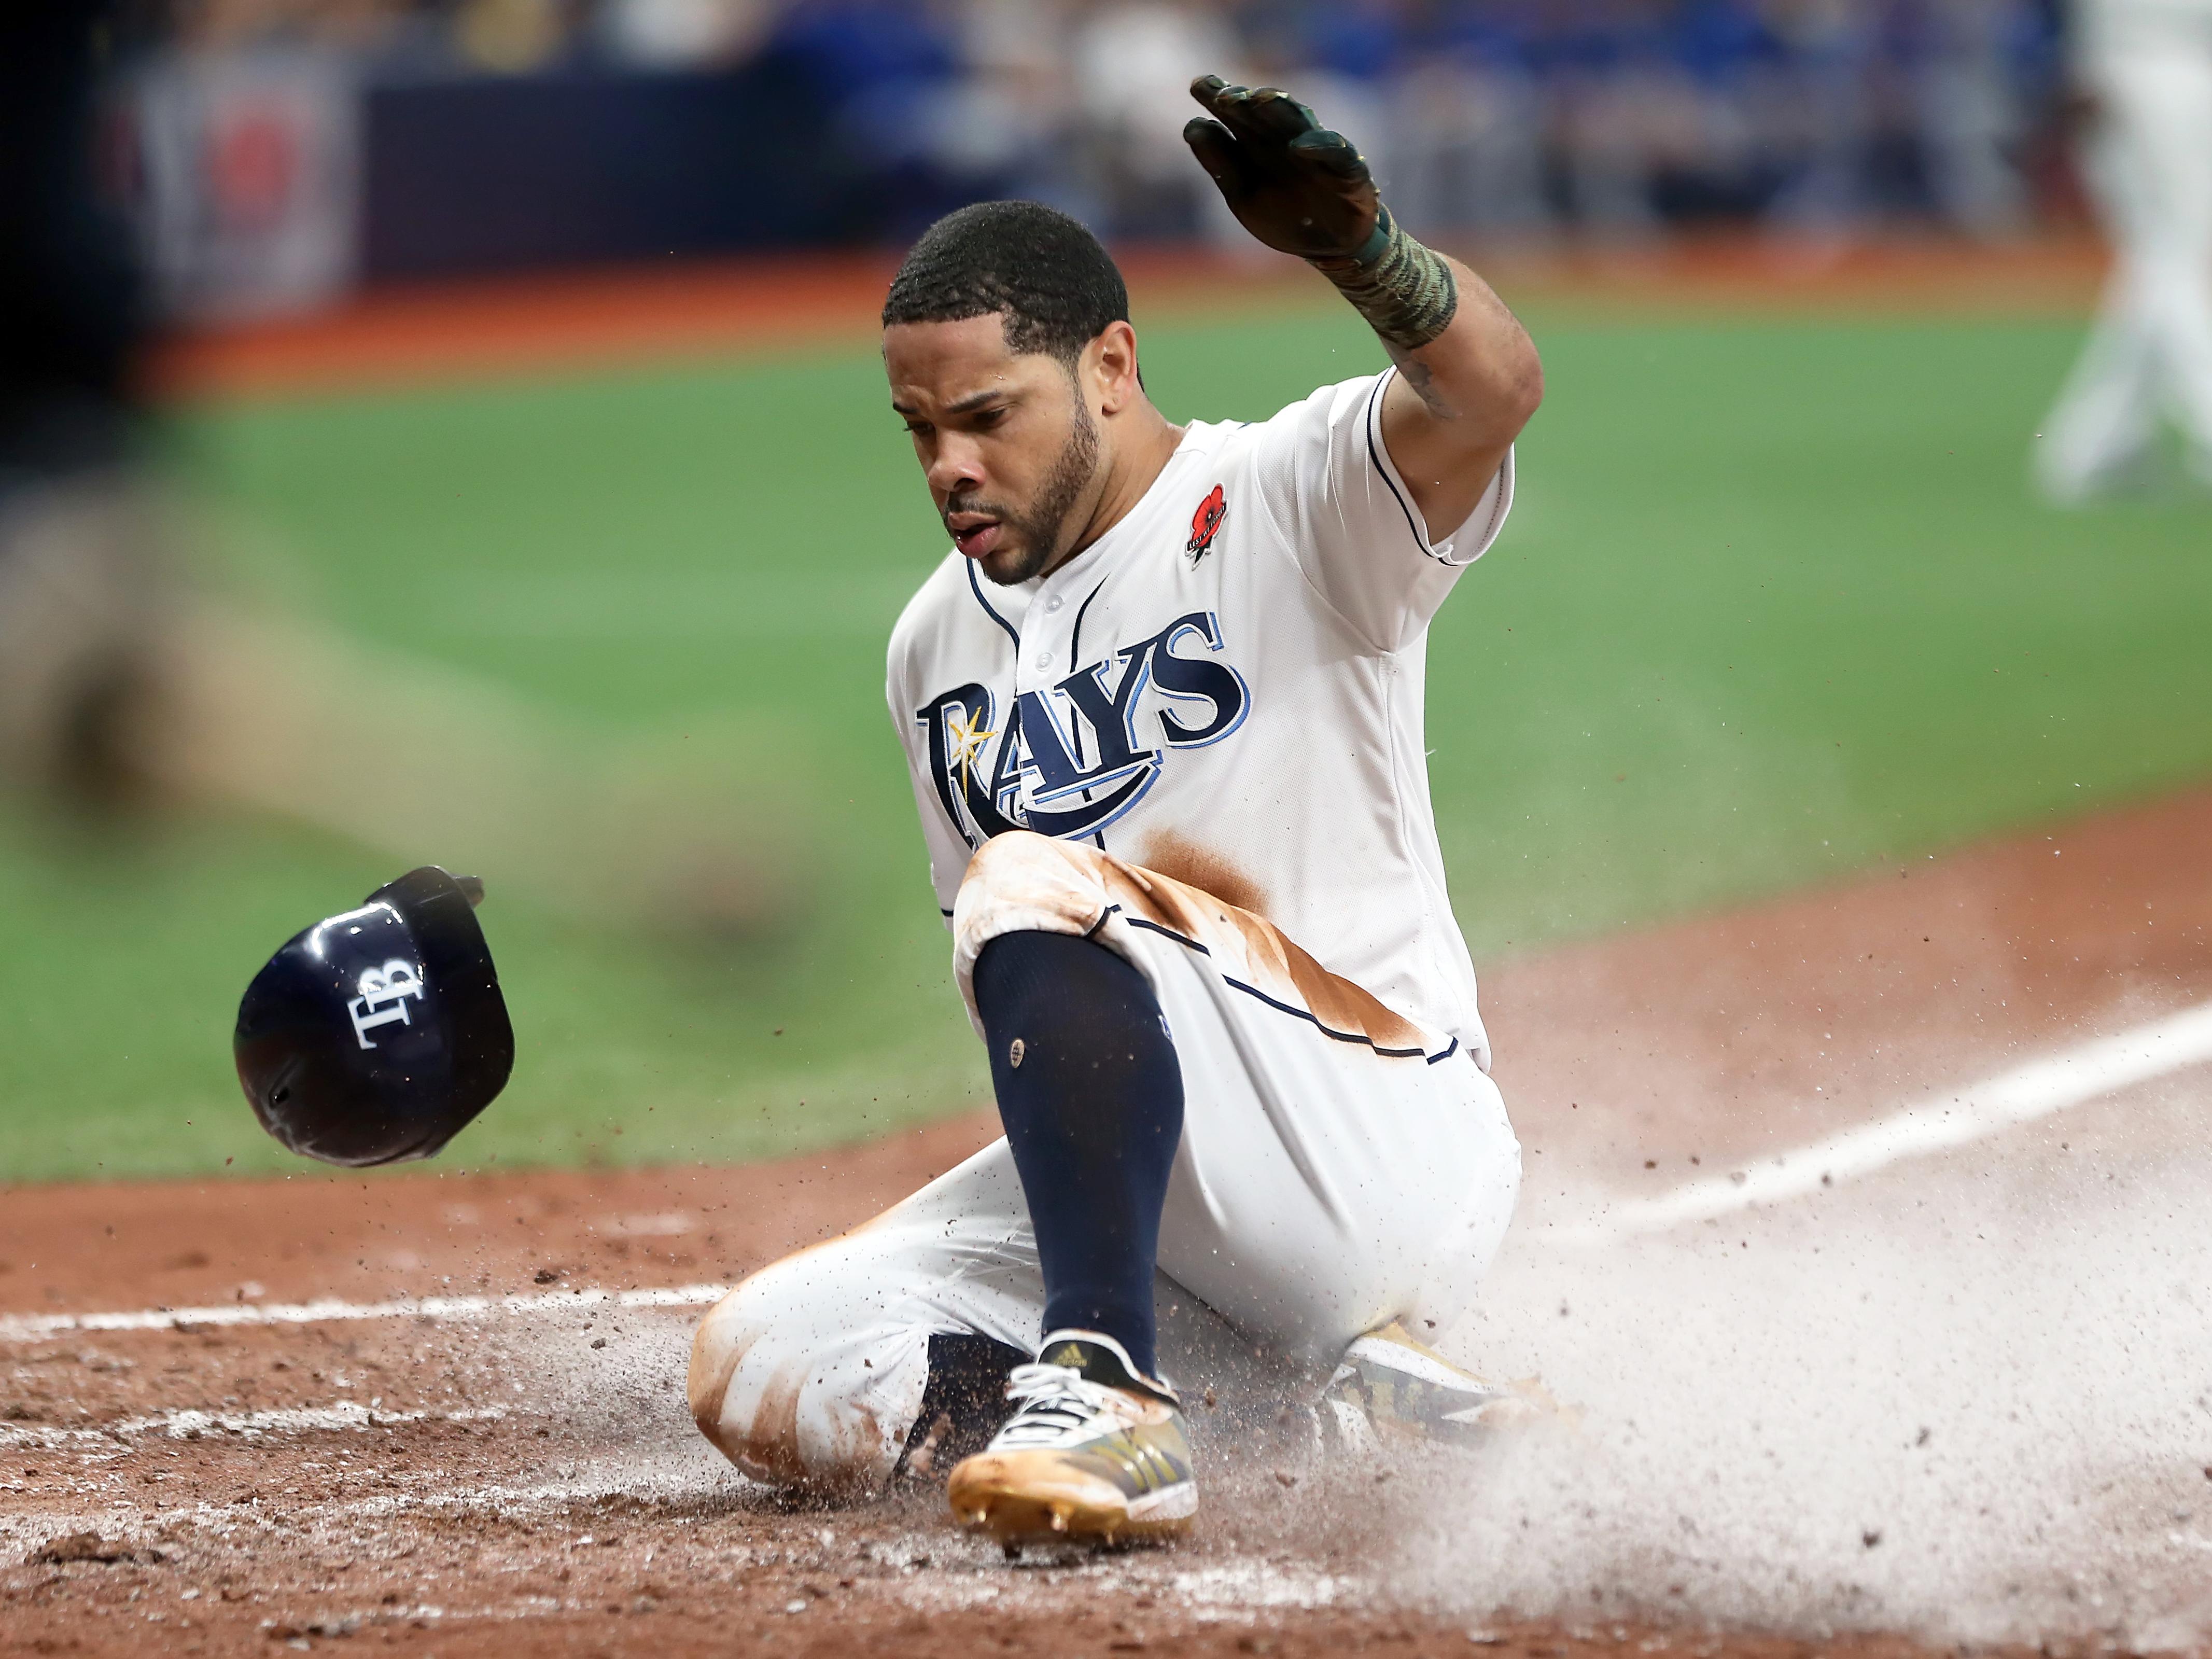 MLB: MAY 27 Blue Jays at Rays